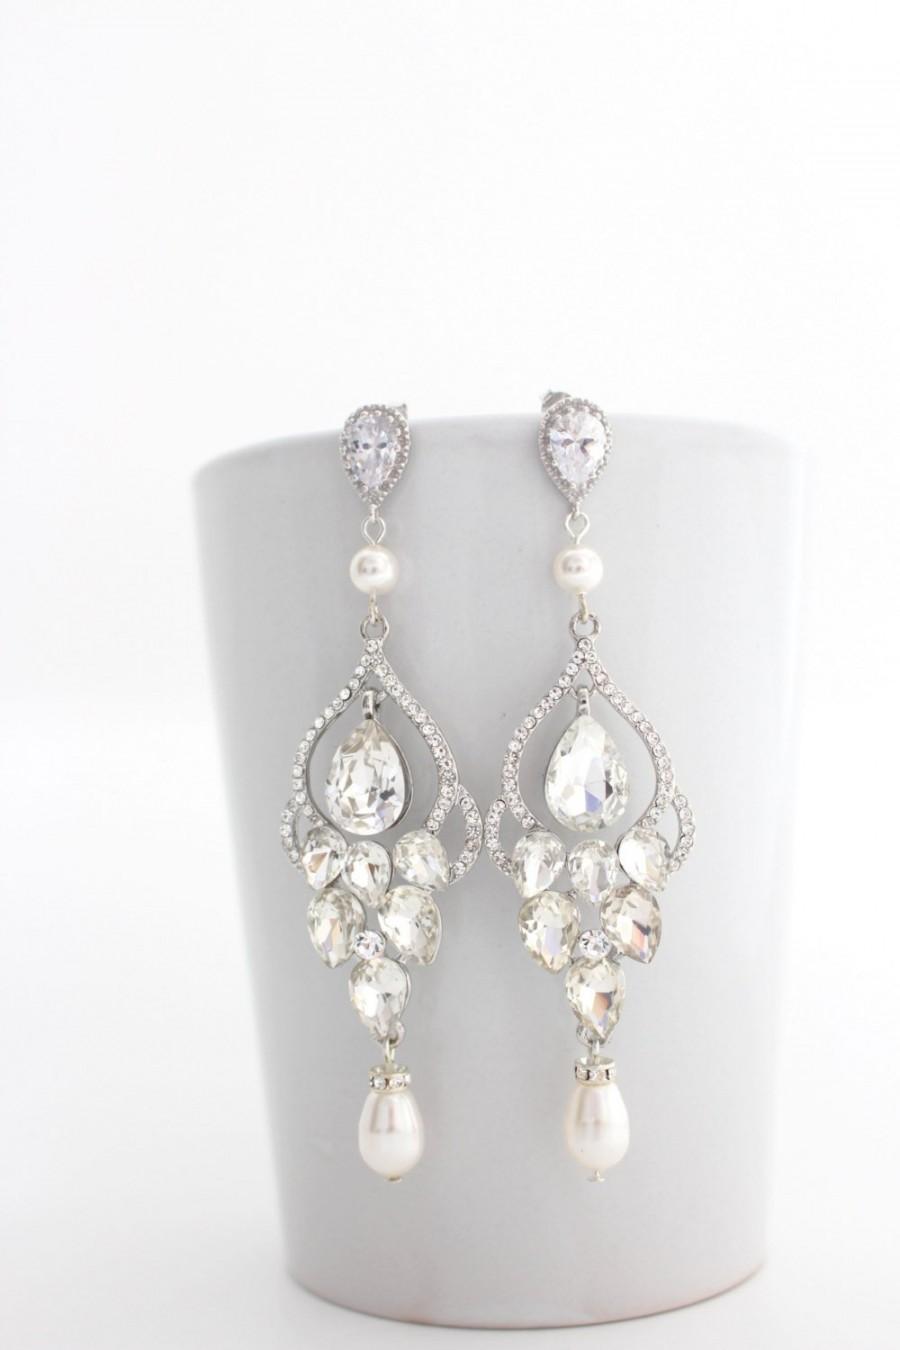 Wedding - Bridal Earrings Chandelier, Wedding Statement Earrings, Art Deco Wedding Earrings, Pearl Chandelier Earrings, Bridal Chandelier Earrings